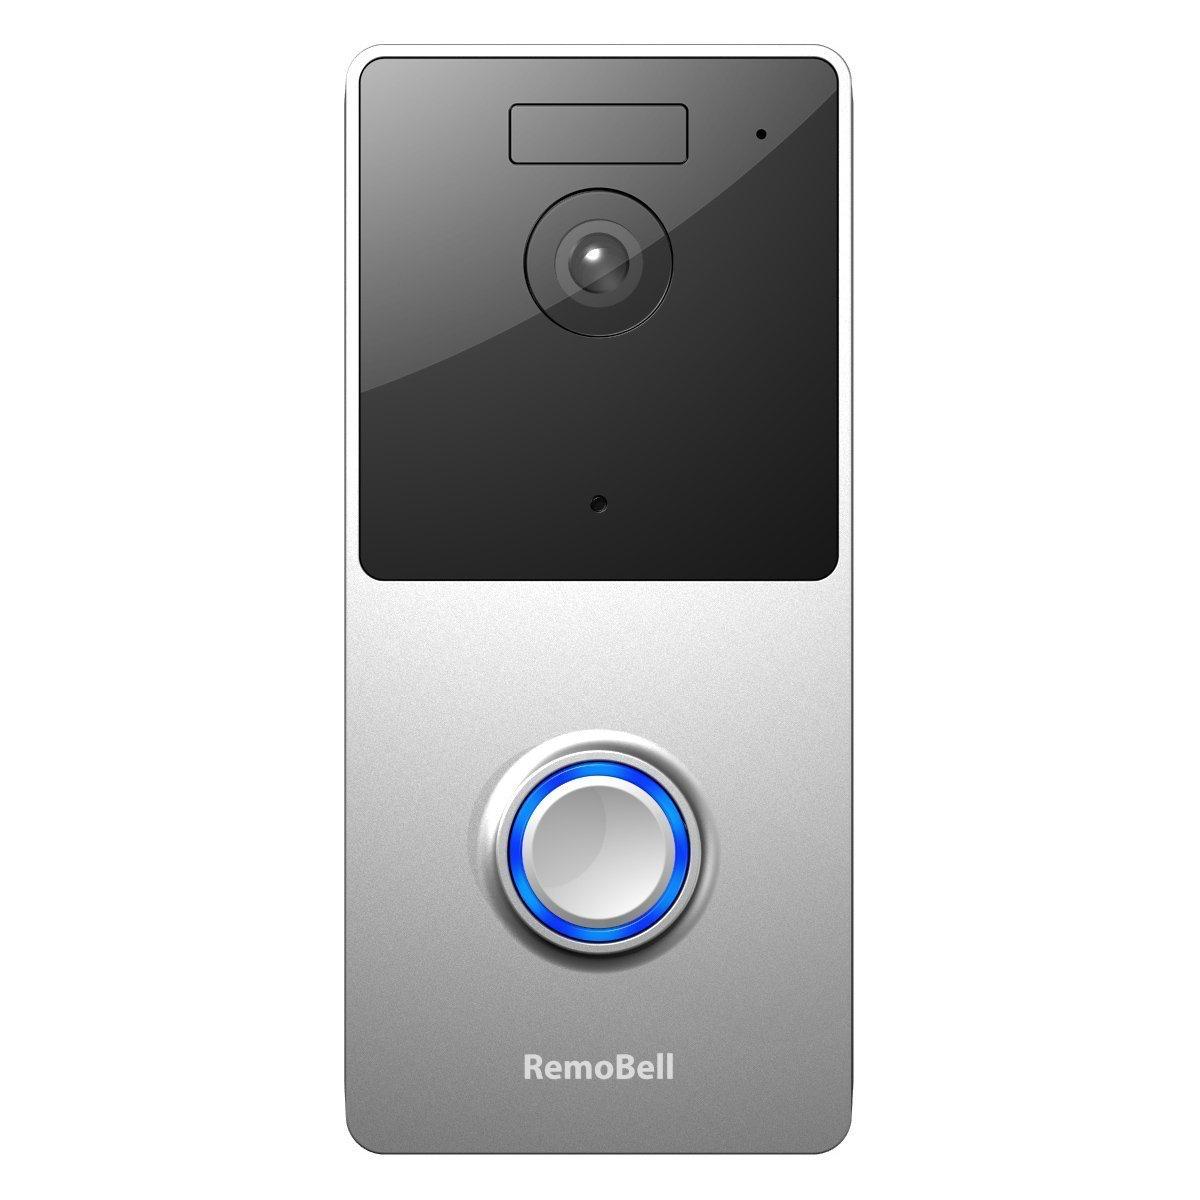 image 25 5 Best Ring Video Doorbells 2021 - Best Video Doorbells